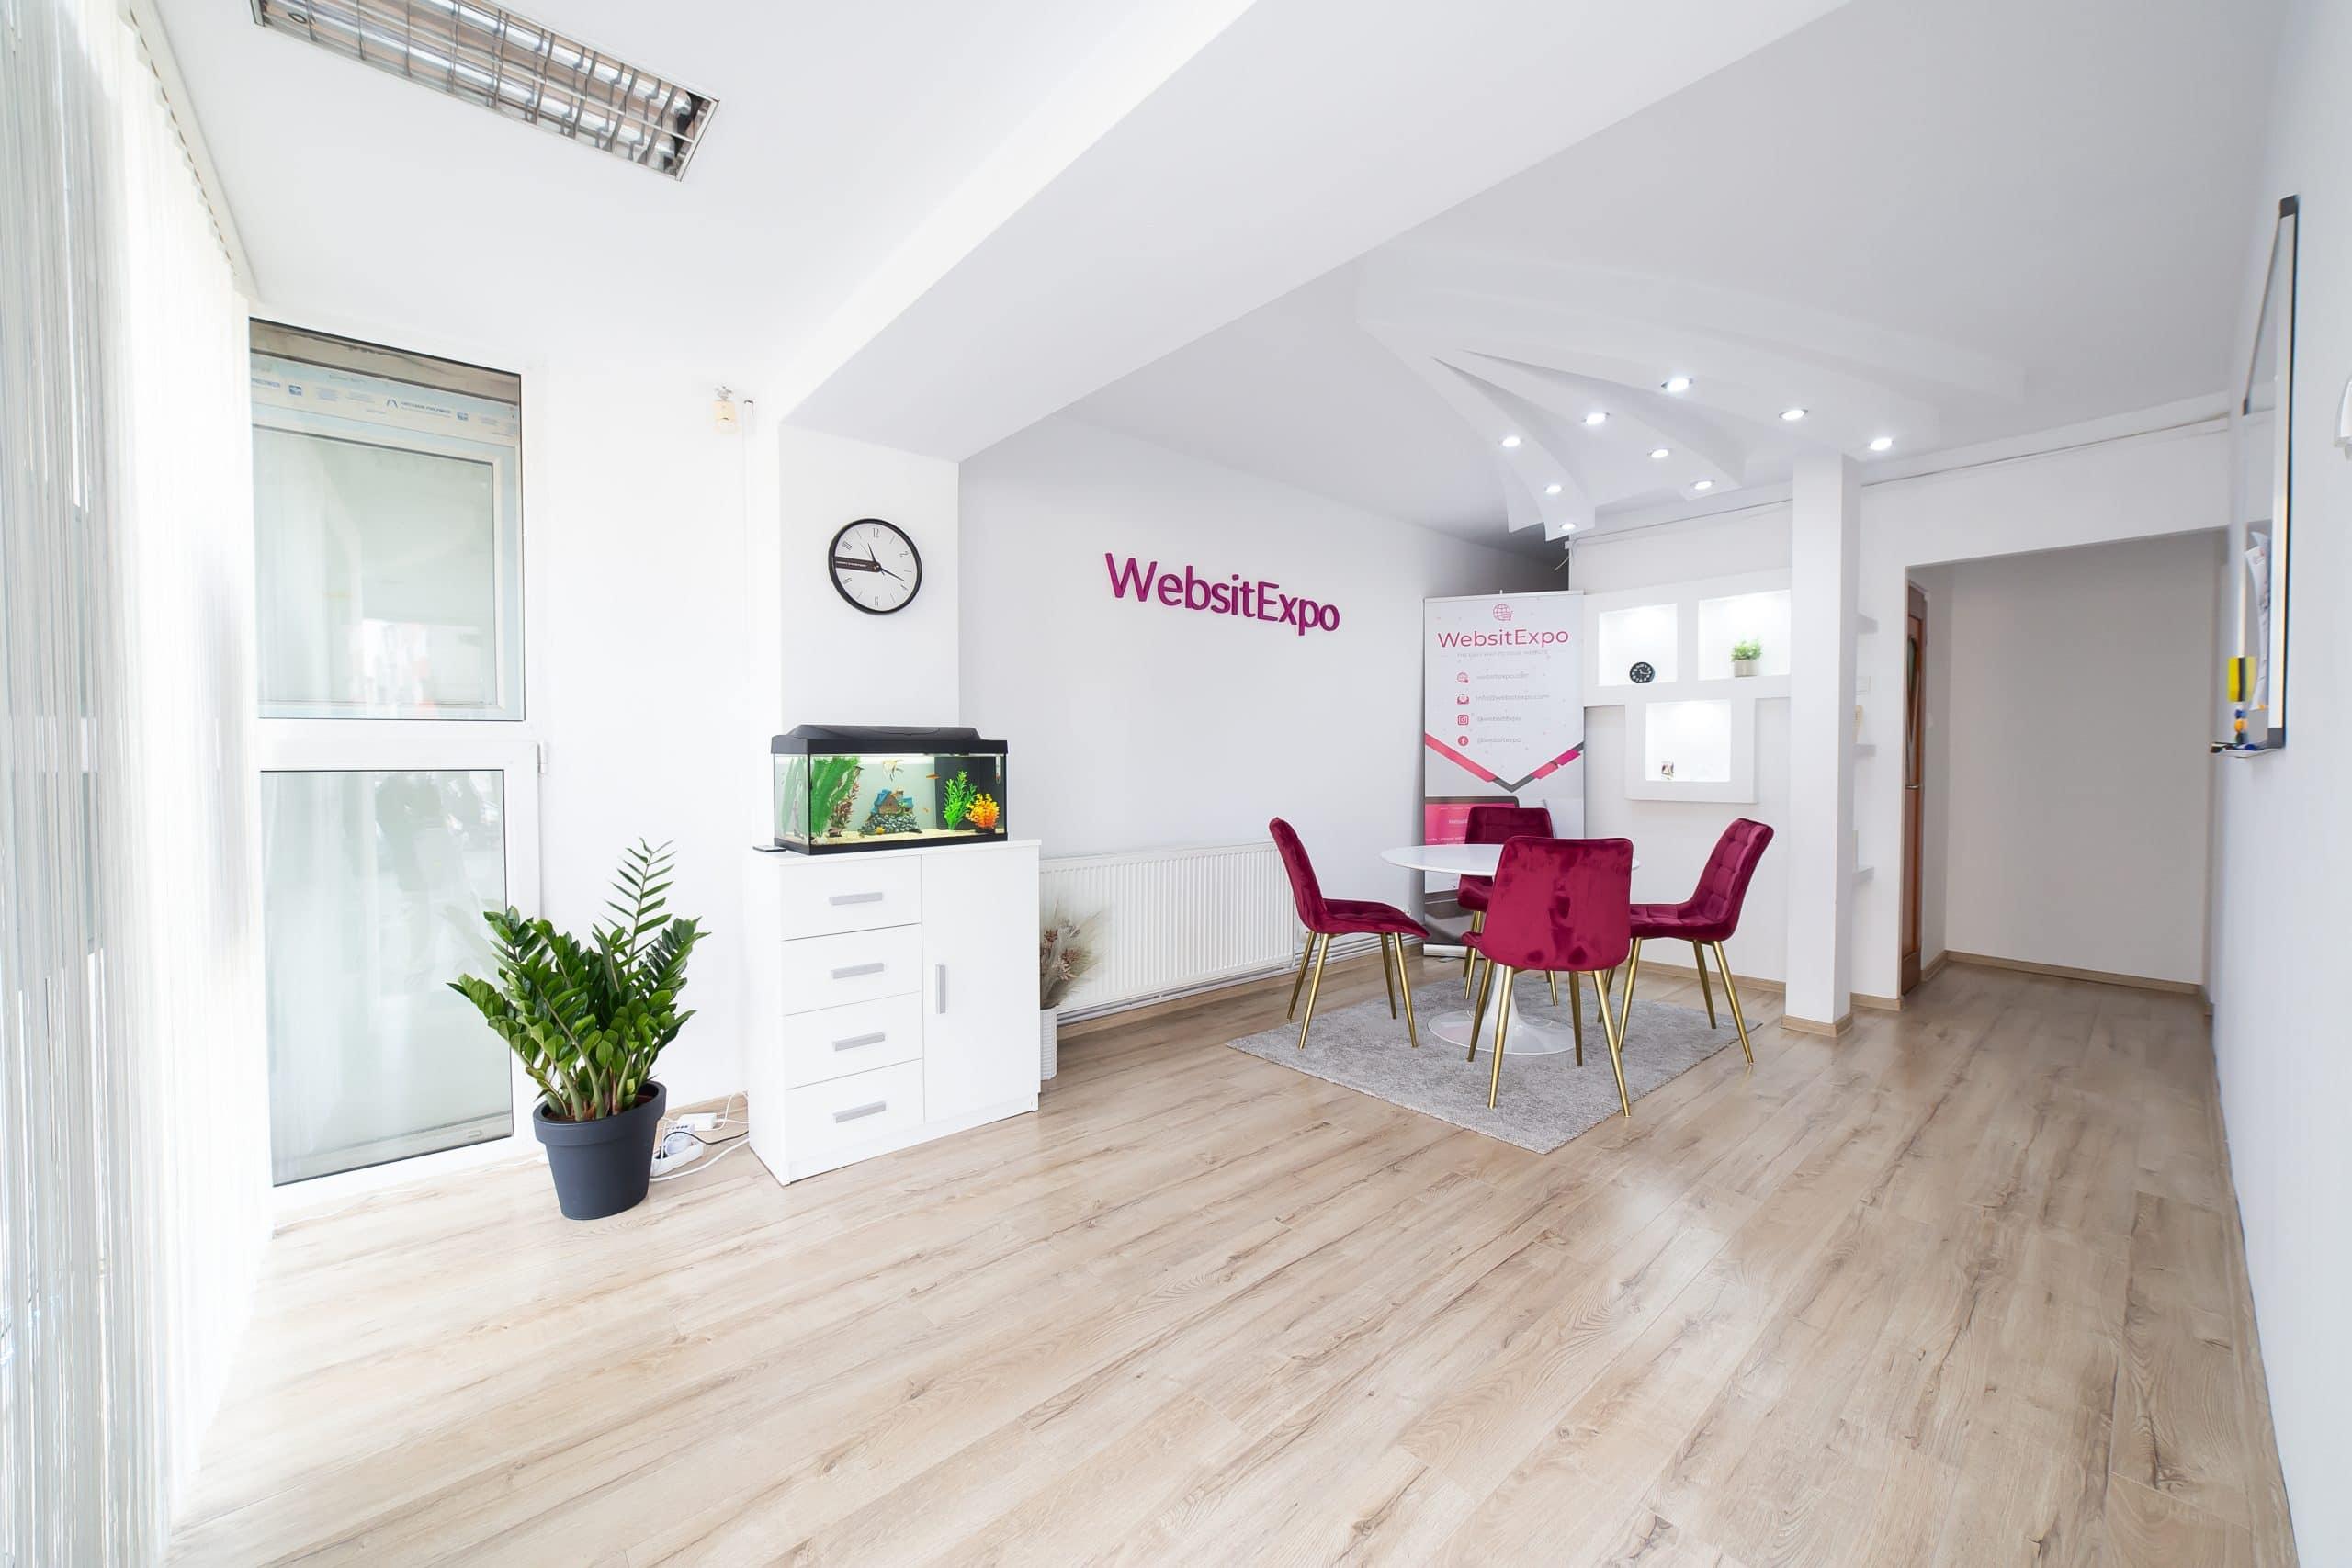 Válaszd a WebsitExpo-t az újonnan induló weboldaladhoz!